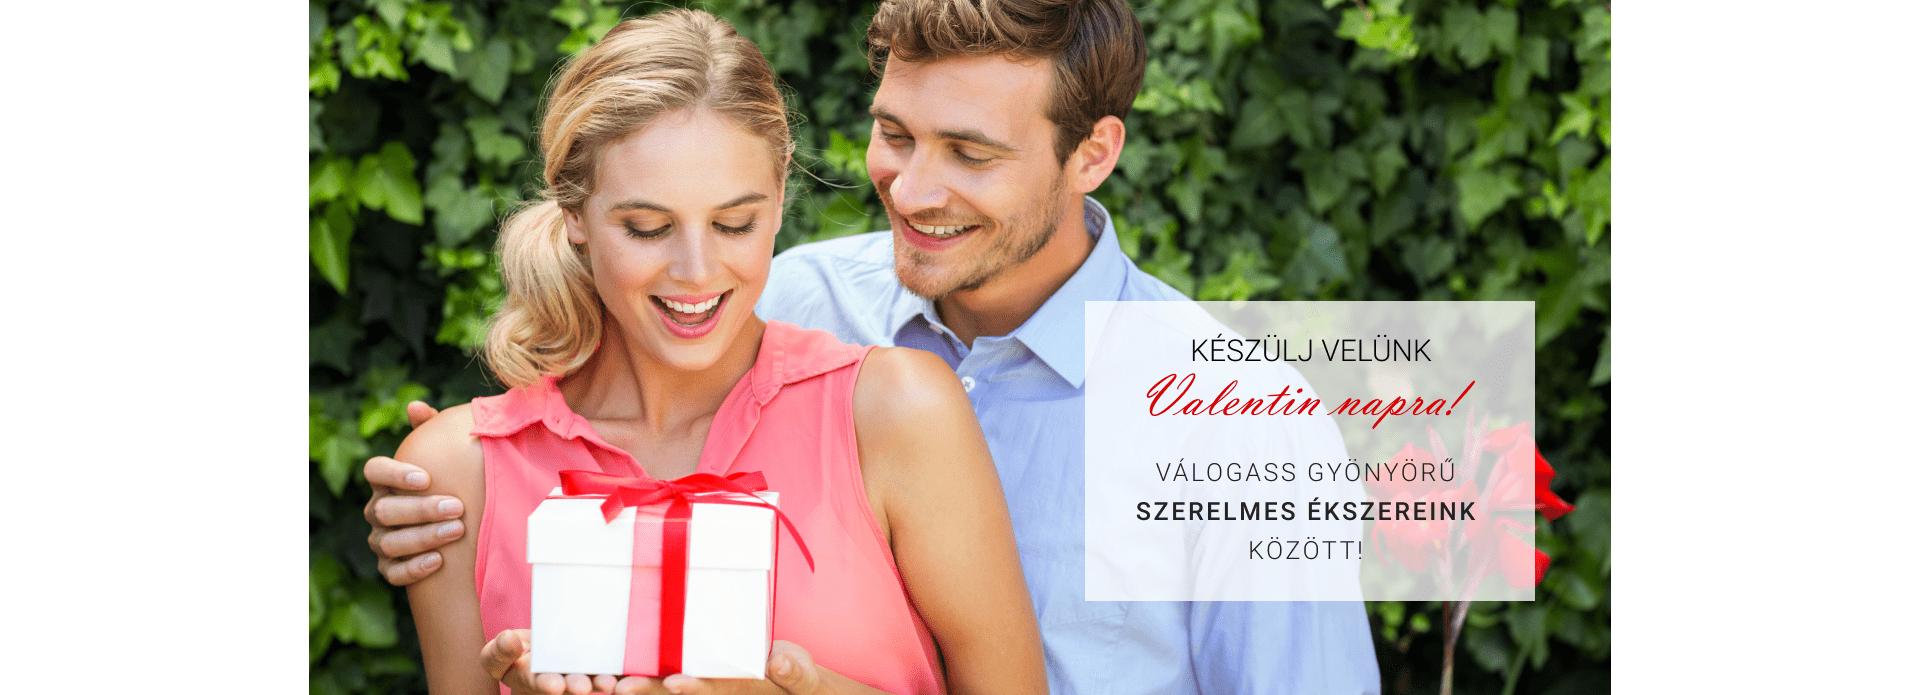 készülj velünk Valentin napra!